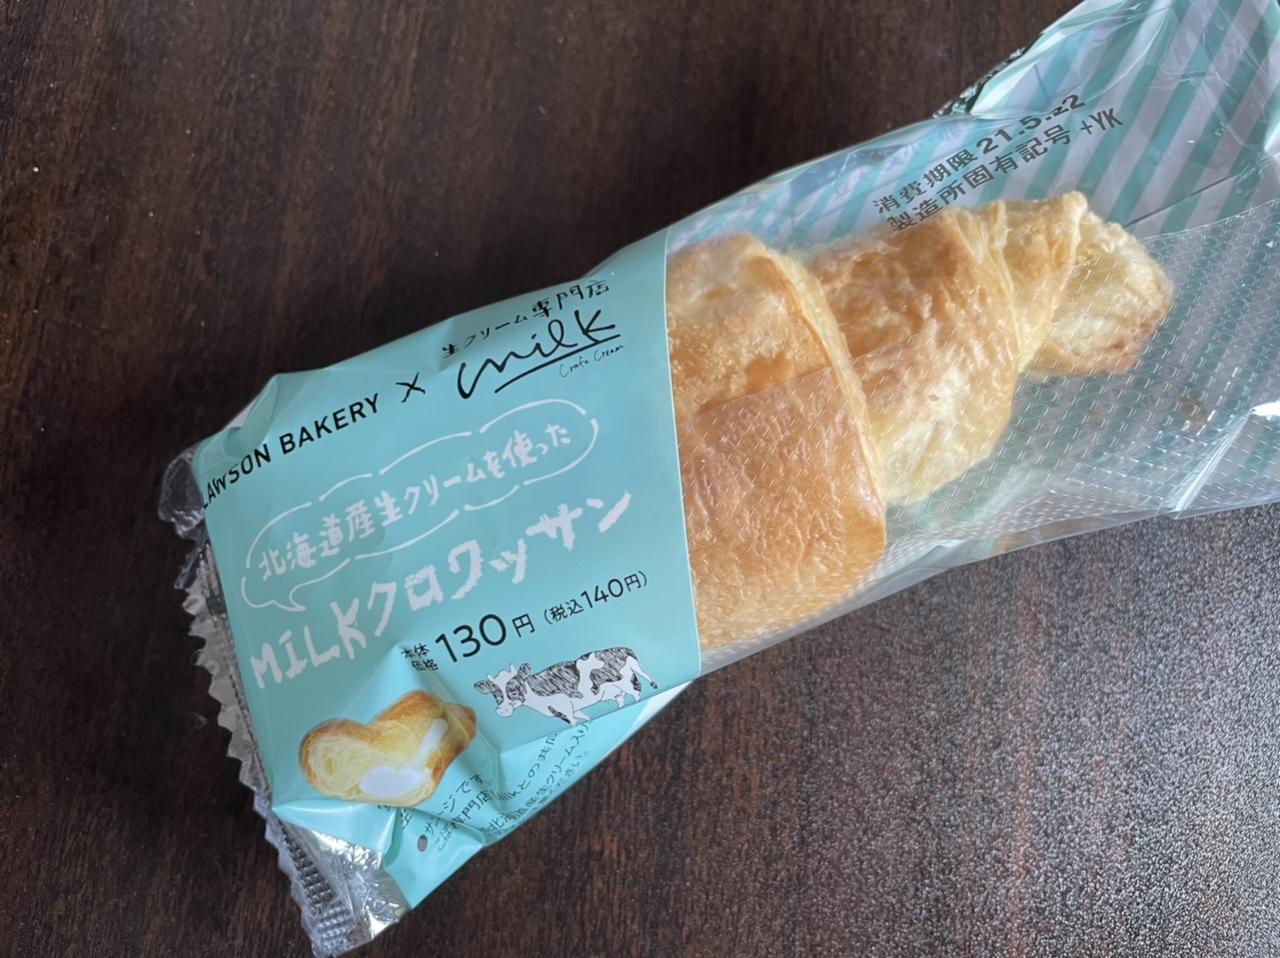 【ローソン】生クリーム専門店《Milk》とのコラボパン2種類を食べ比べ!_1